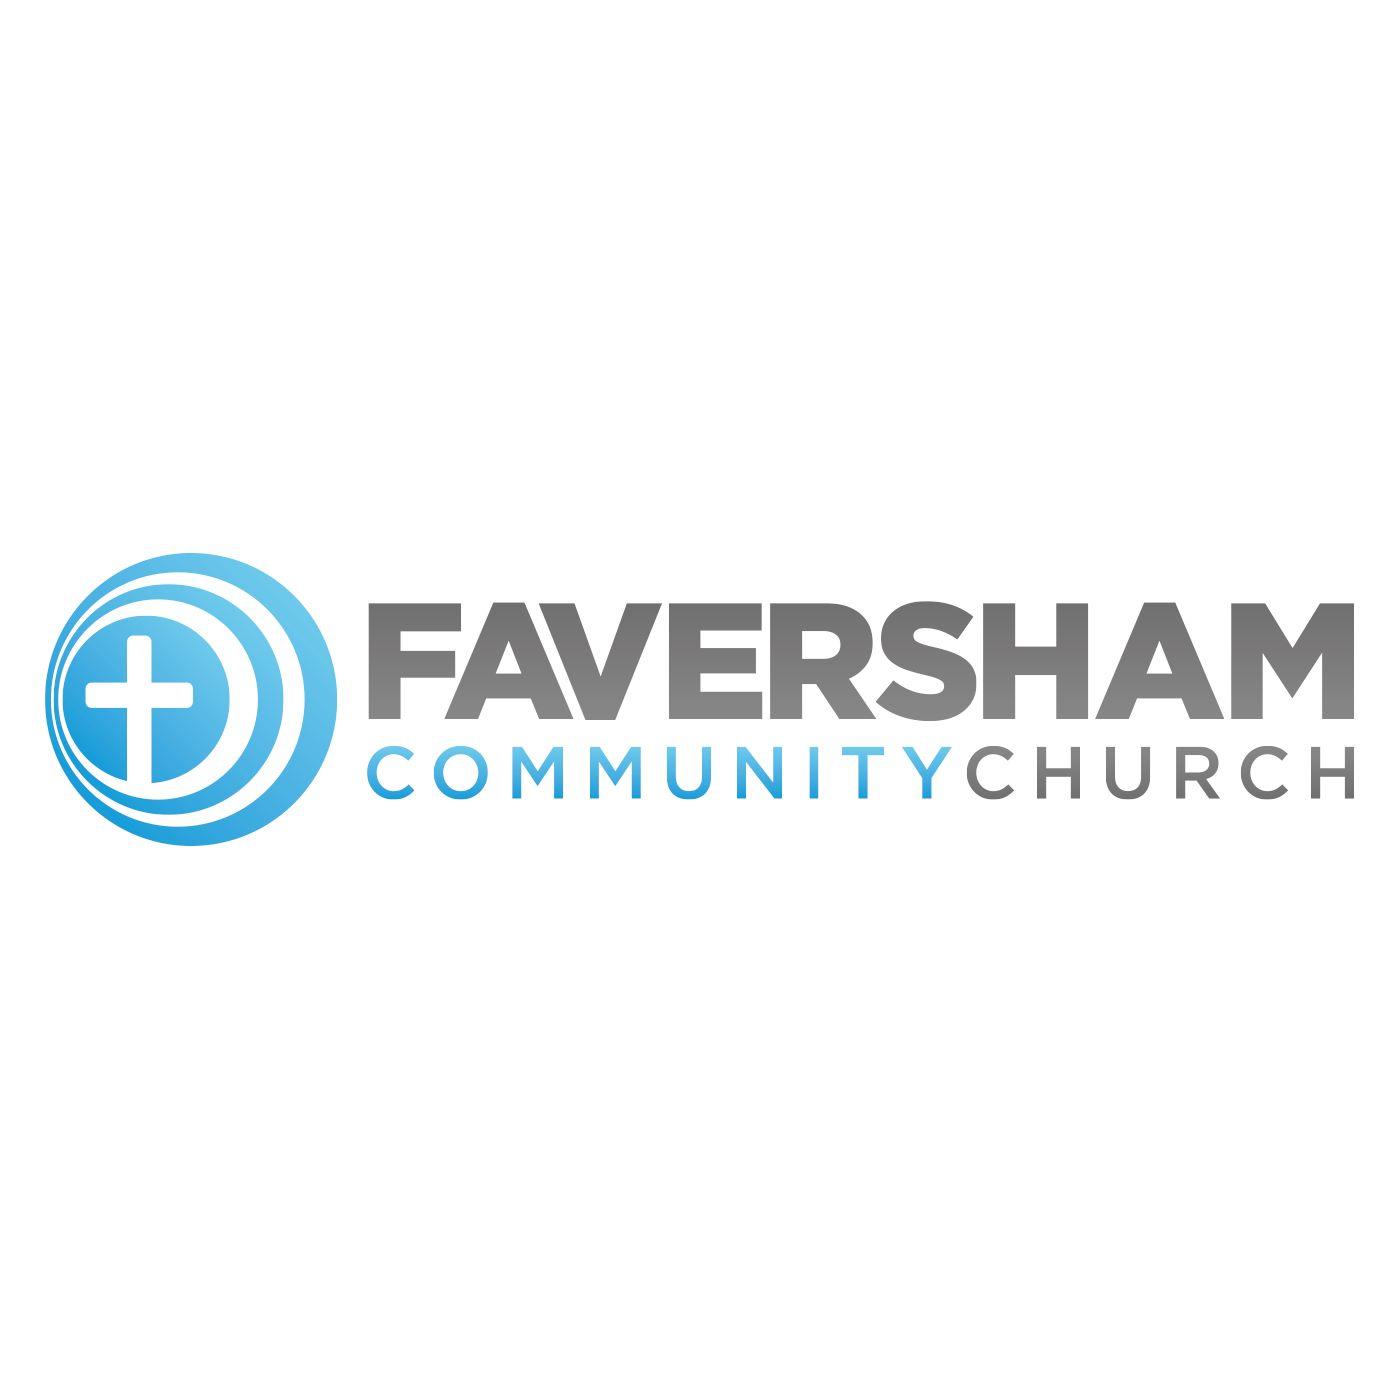 Faversham Community Church